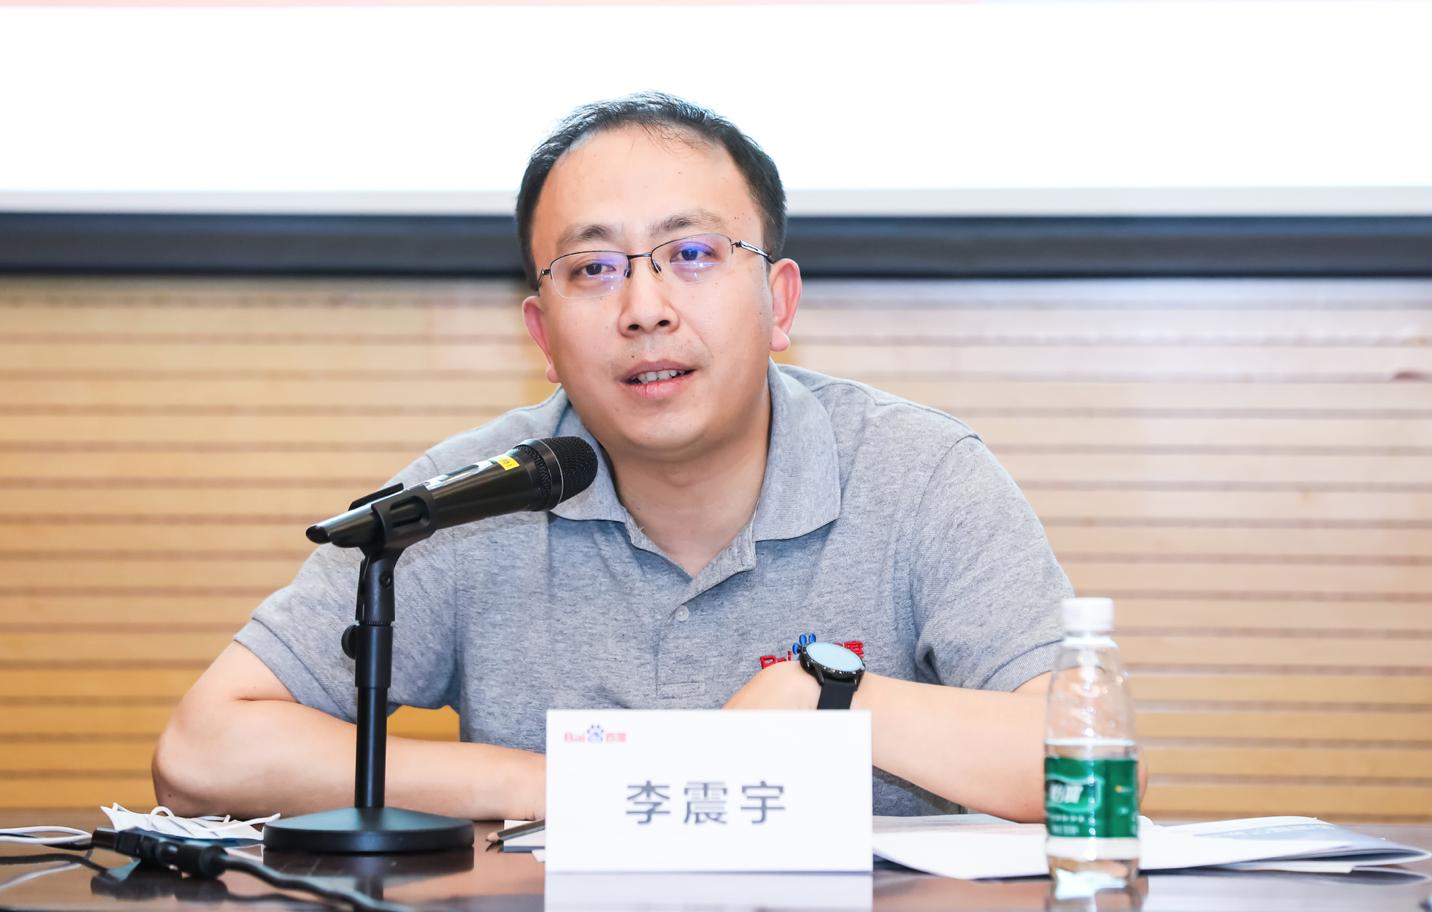 巨头入局新基建,百度副总裁李震宇:智能交通大幕刚拉开